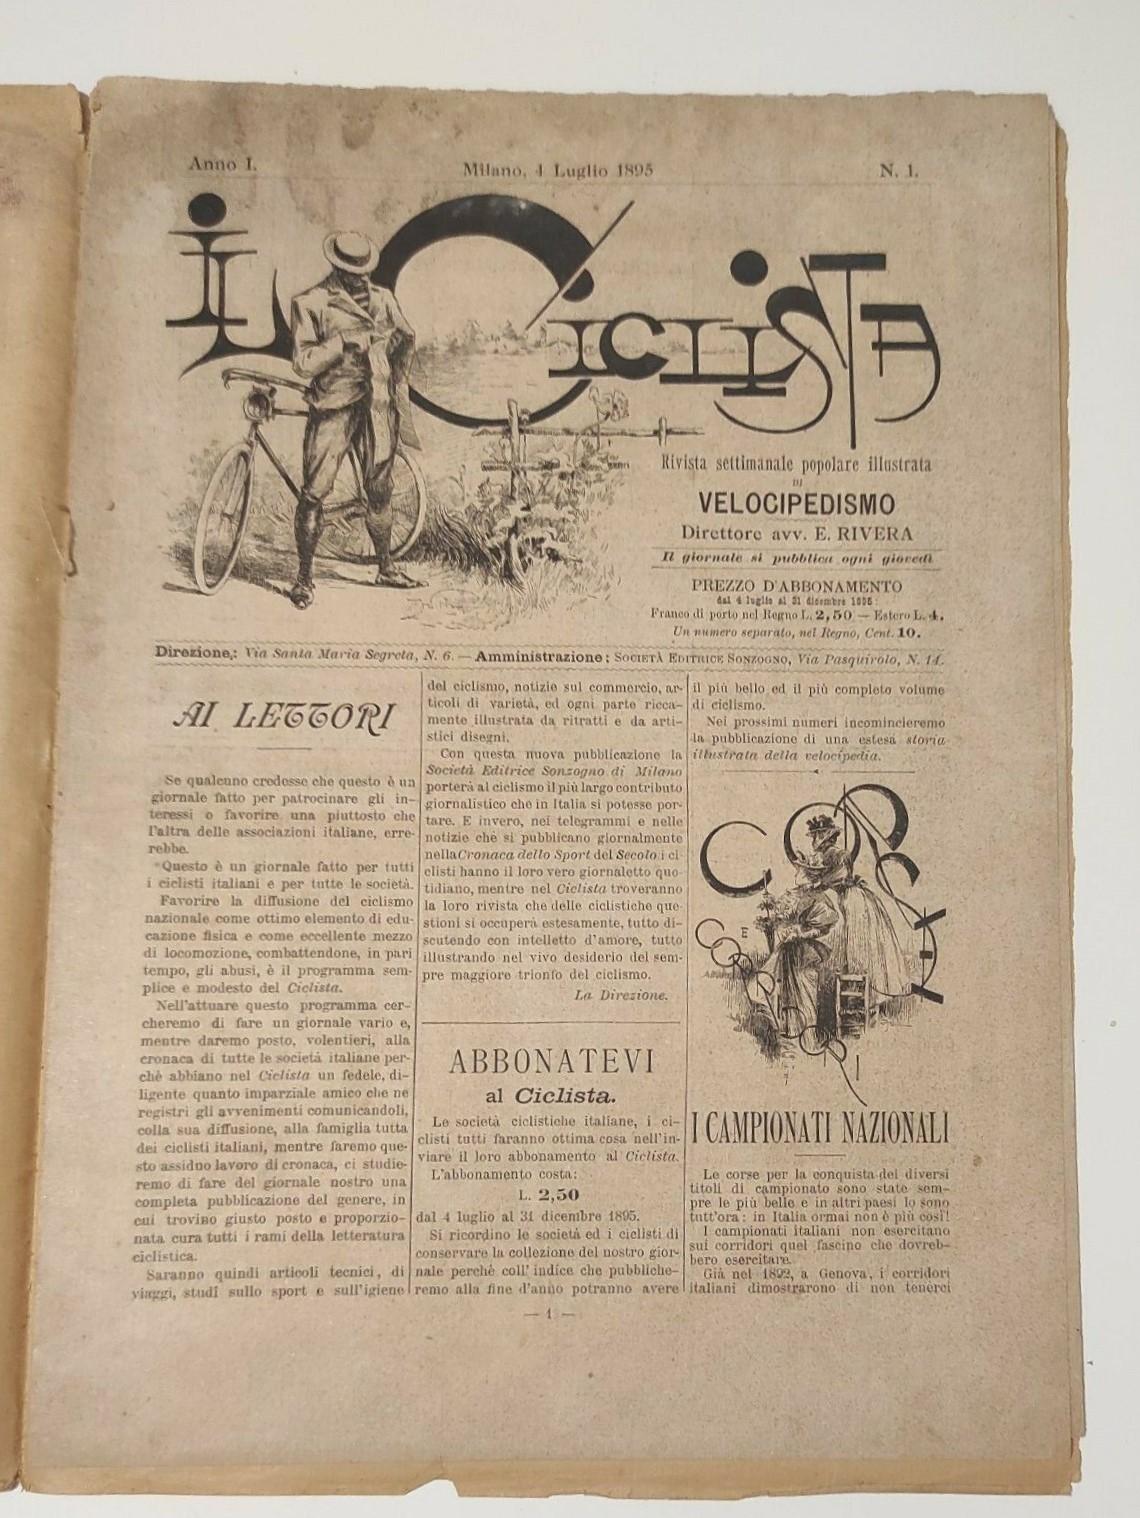 """Appare in vendita il primo numero de """"Il ciclista"""" (1895), periodico sportivo che l'anno seguente diventerà """"La gazzetta dello Sport"""""""